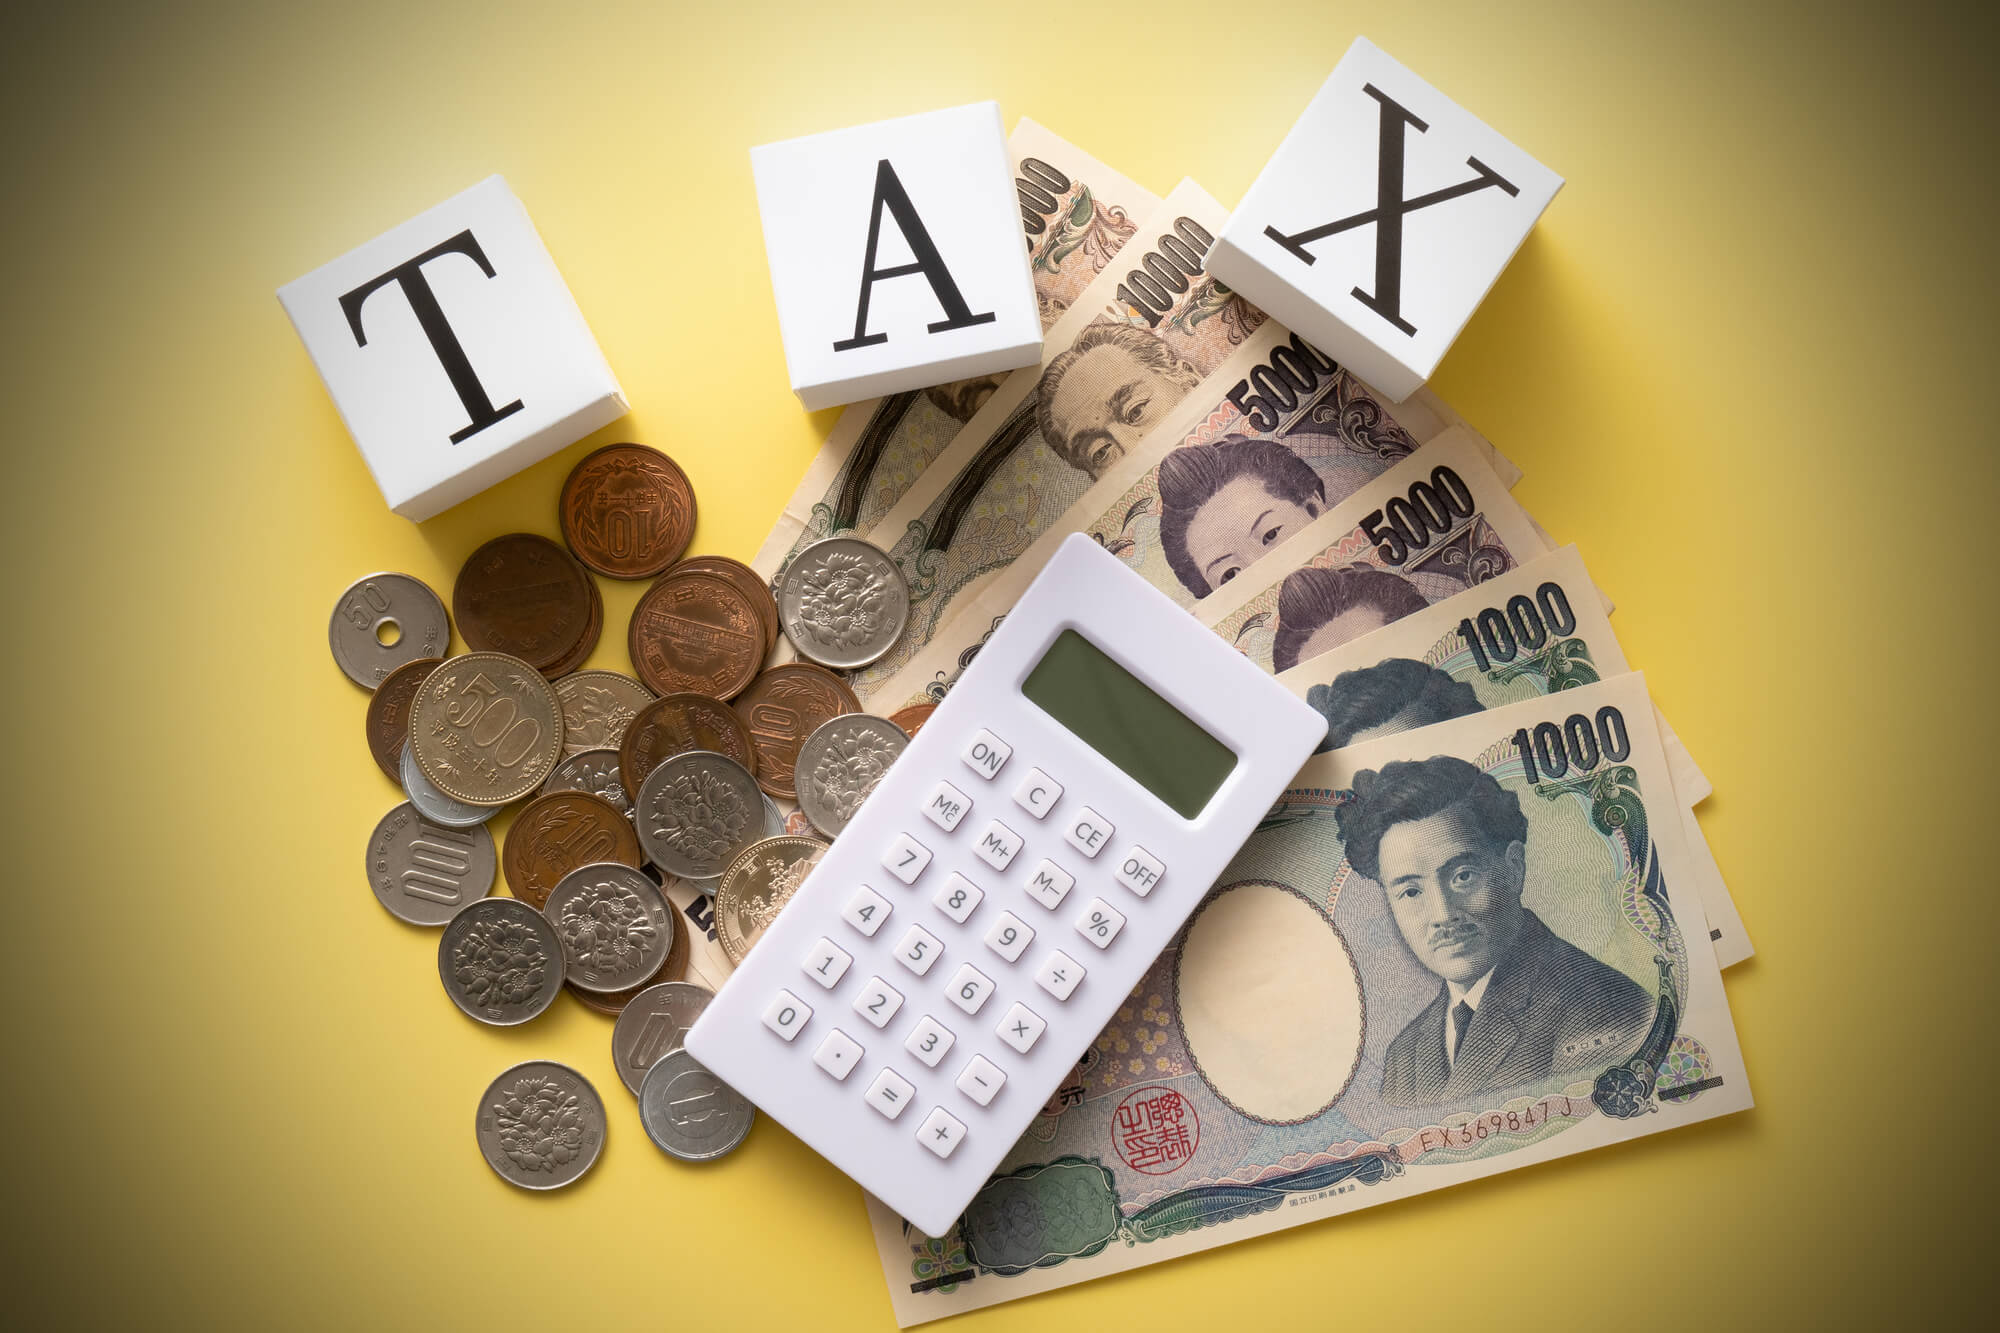 消費税ってどうやって会計処理すべき?税込経理方式と税抜経理方式の違い